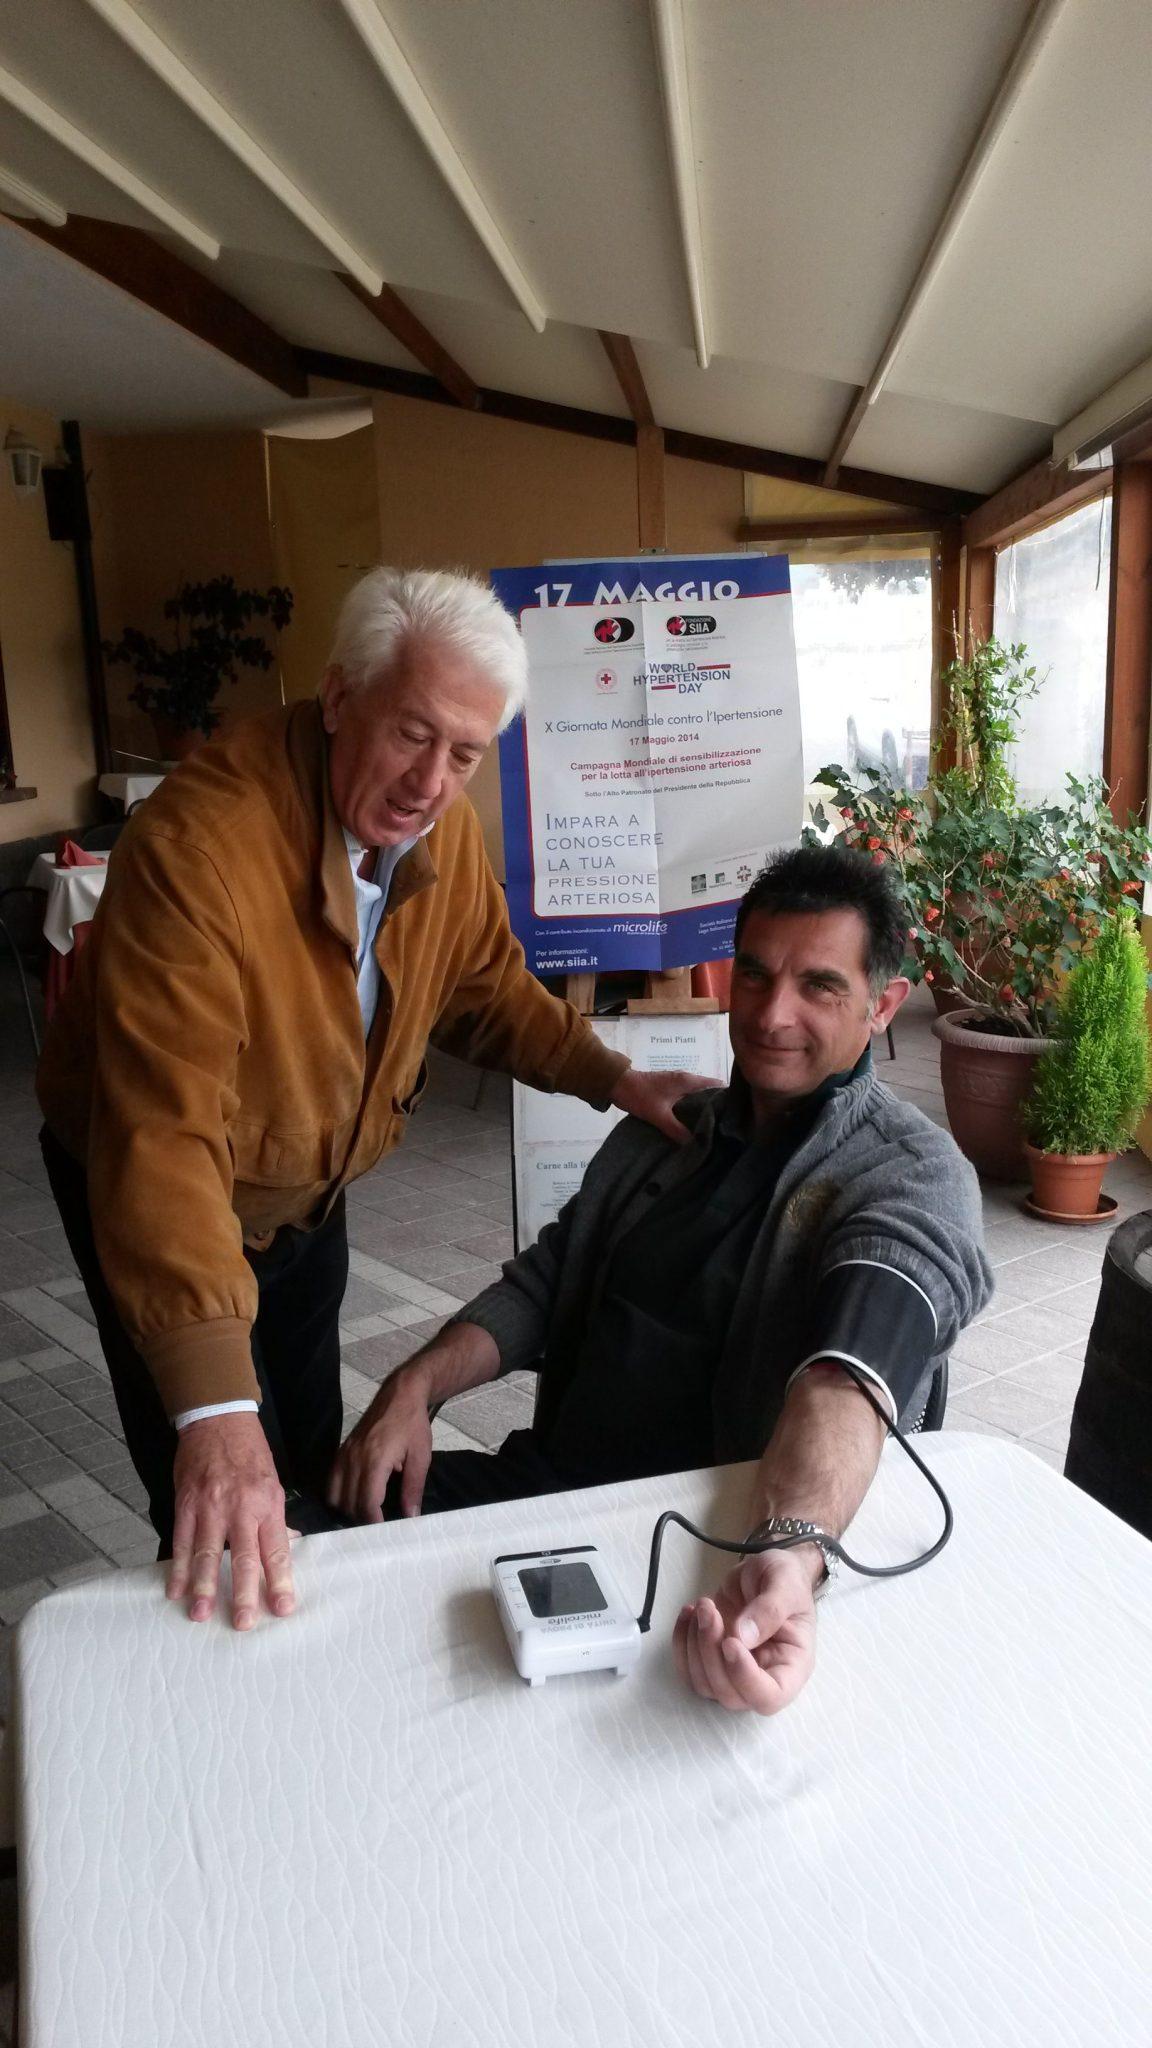 Fotografie della X Giornata Mondiale Contro l'Ipertensione Arteriosa